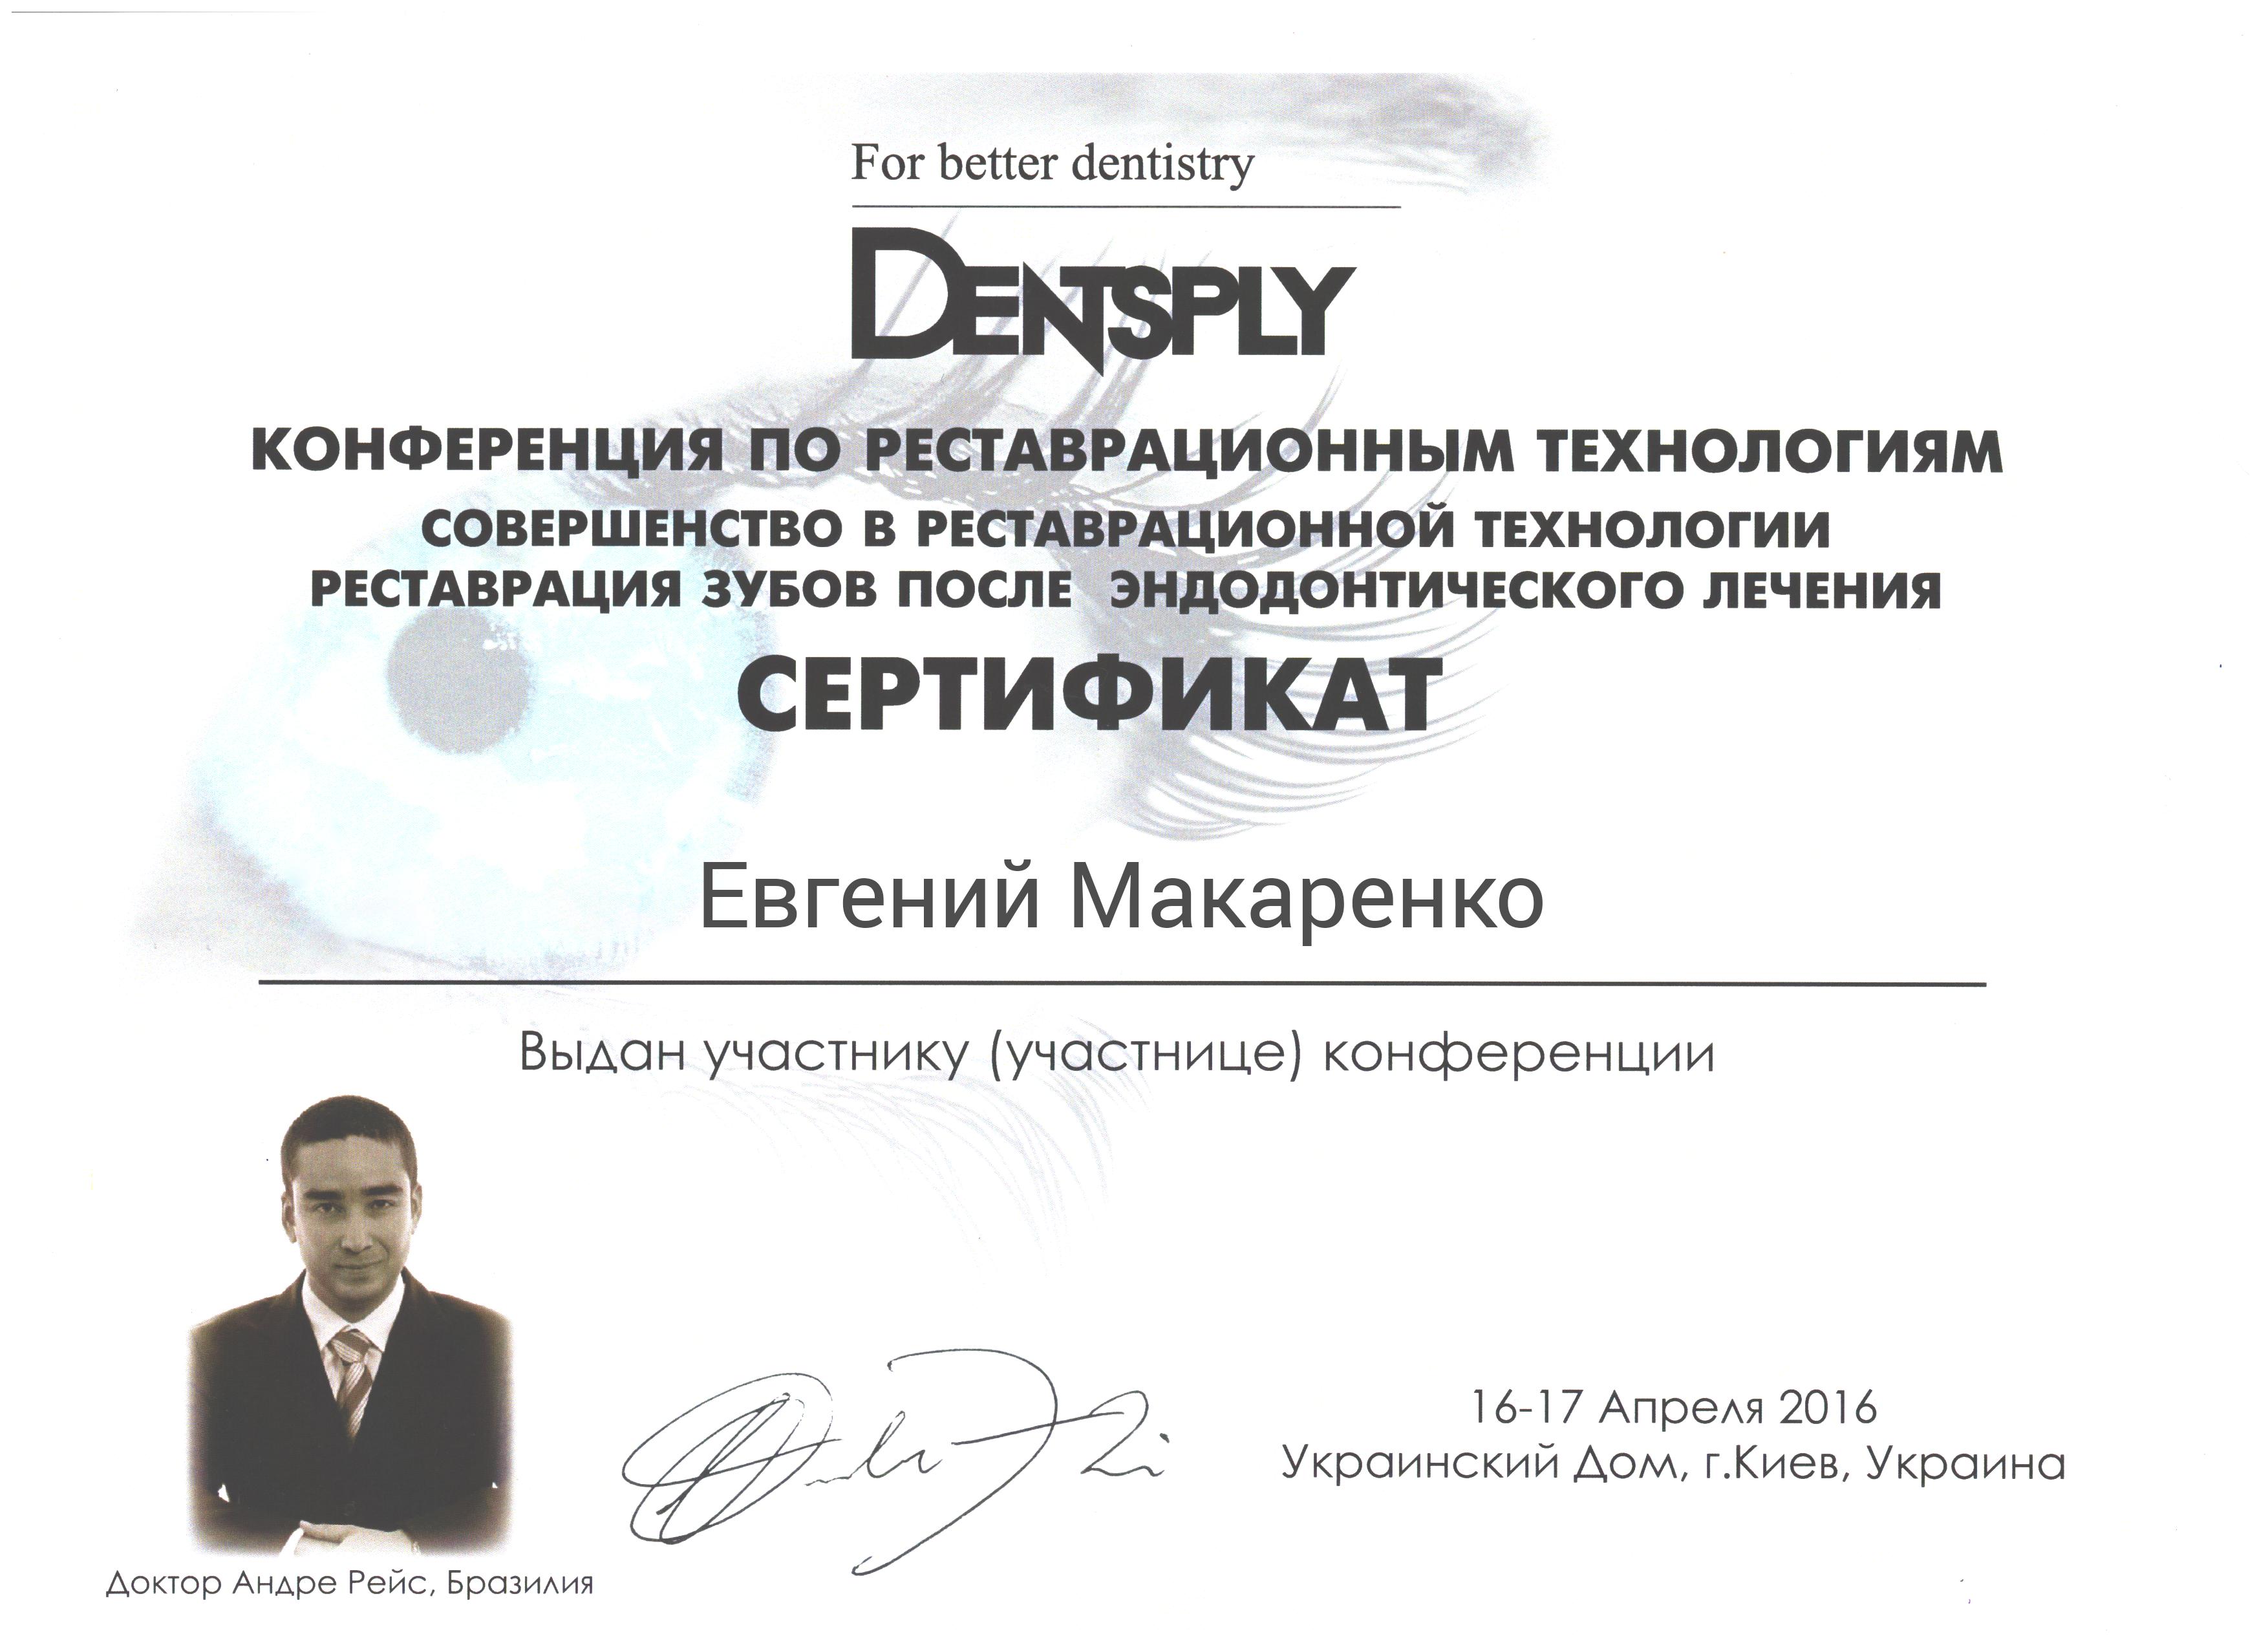 EvgeniyMakarenko3 - EvgeniyMakarenko3